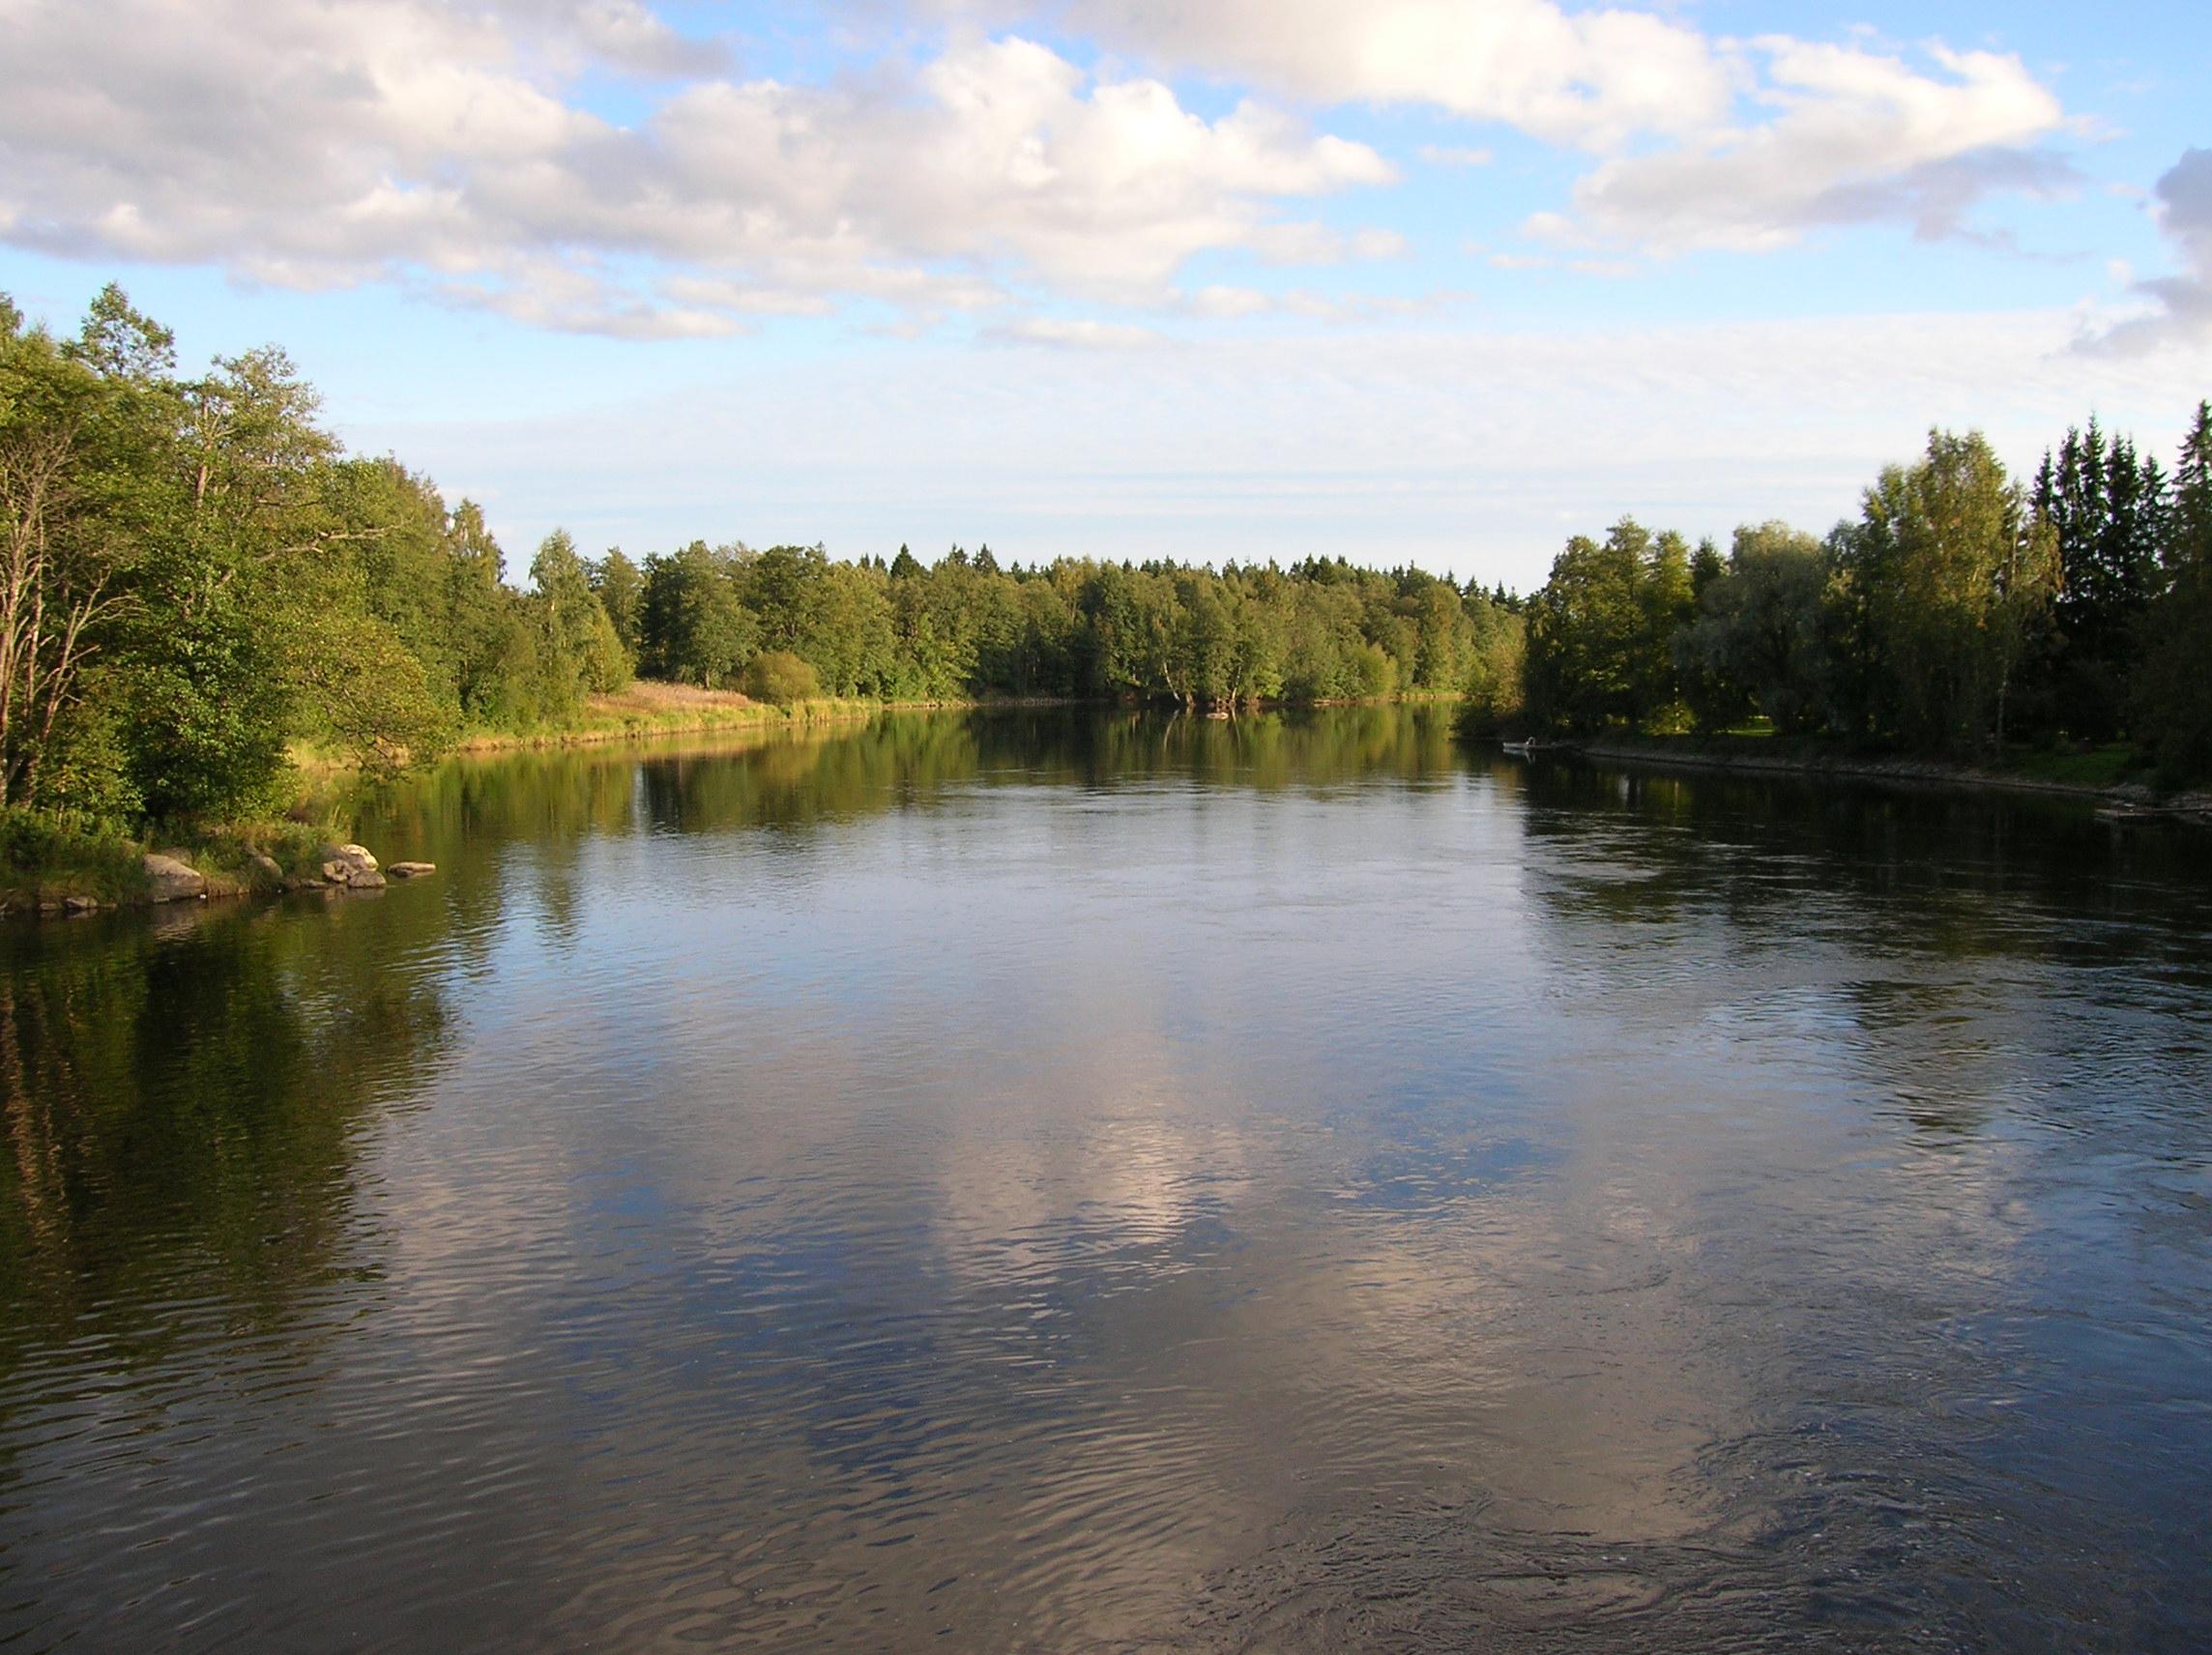 Kymijoki